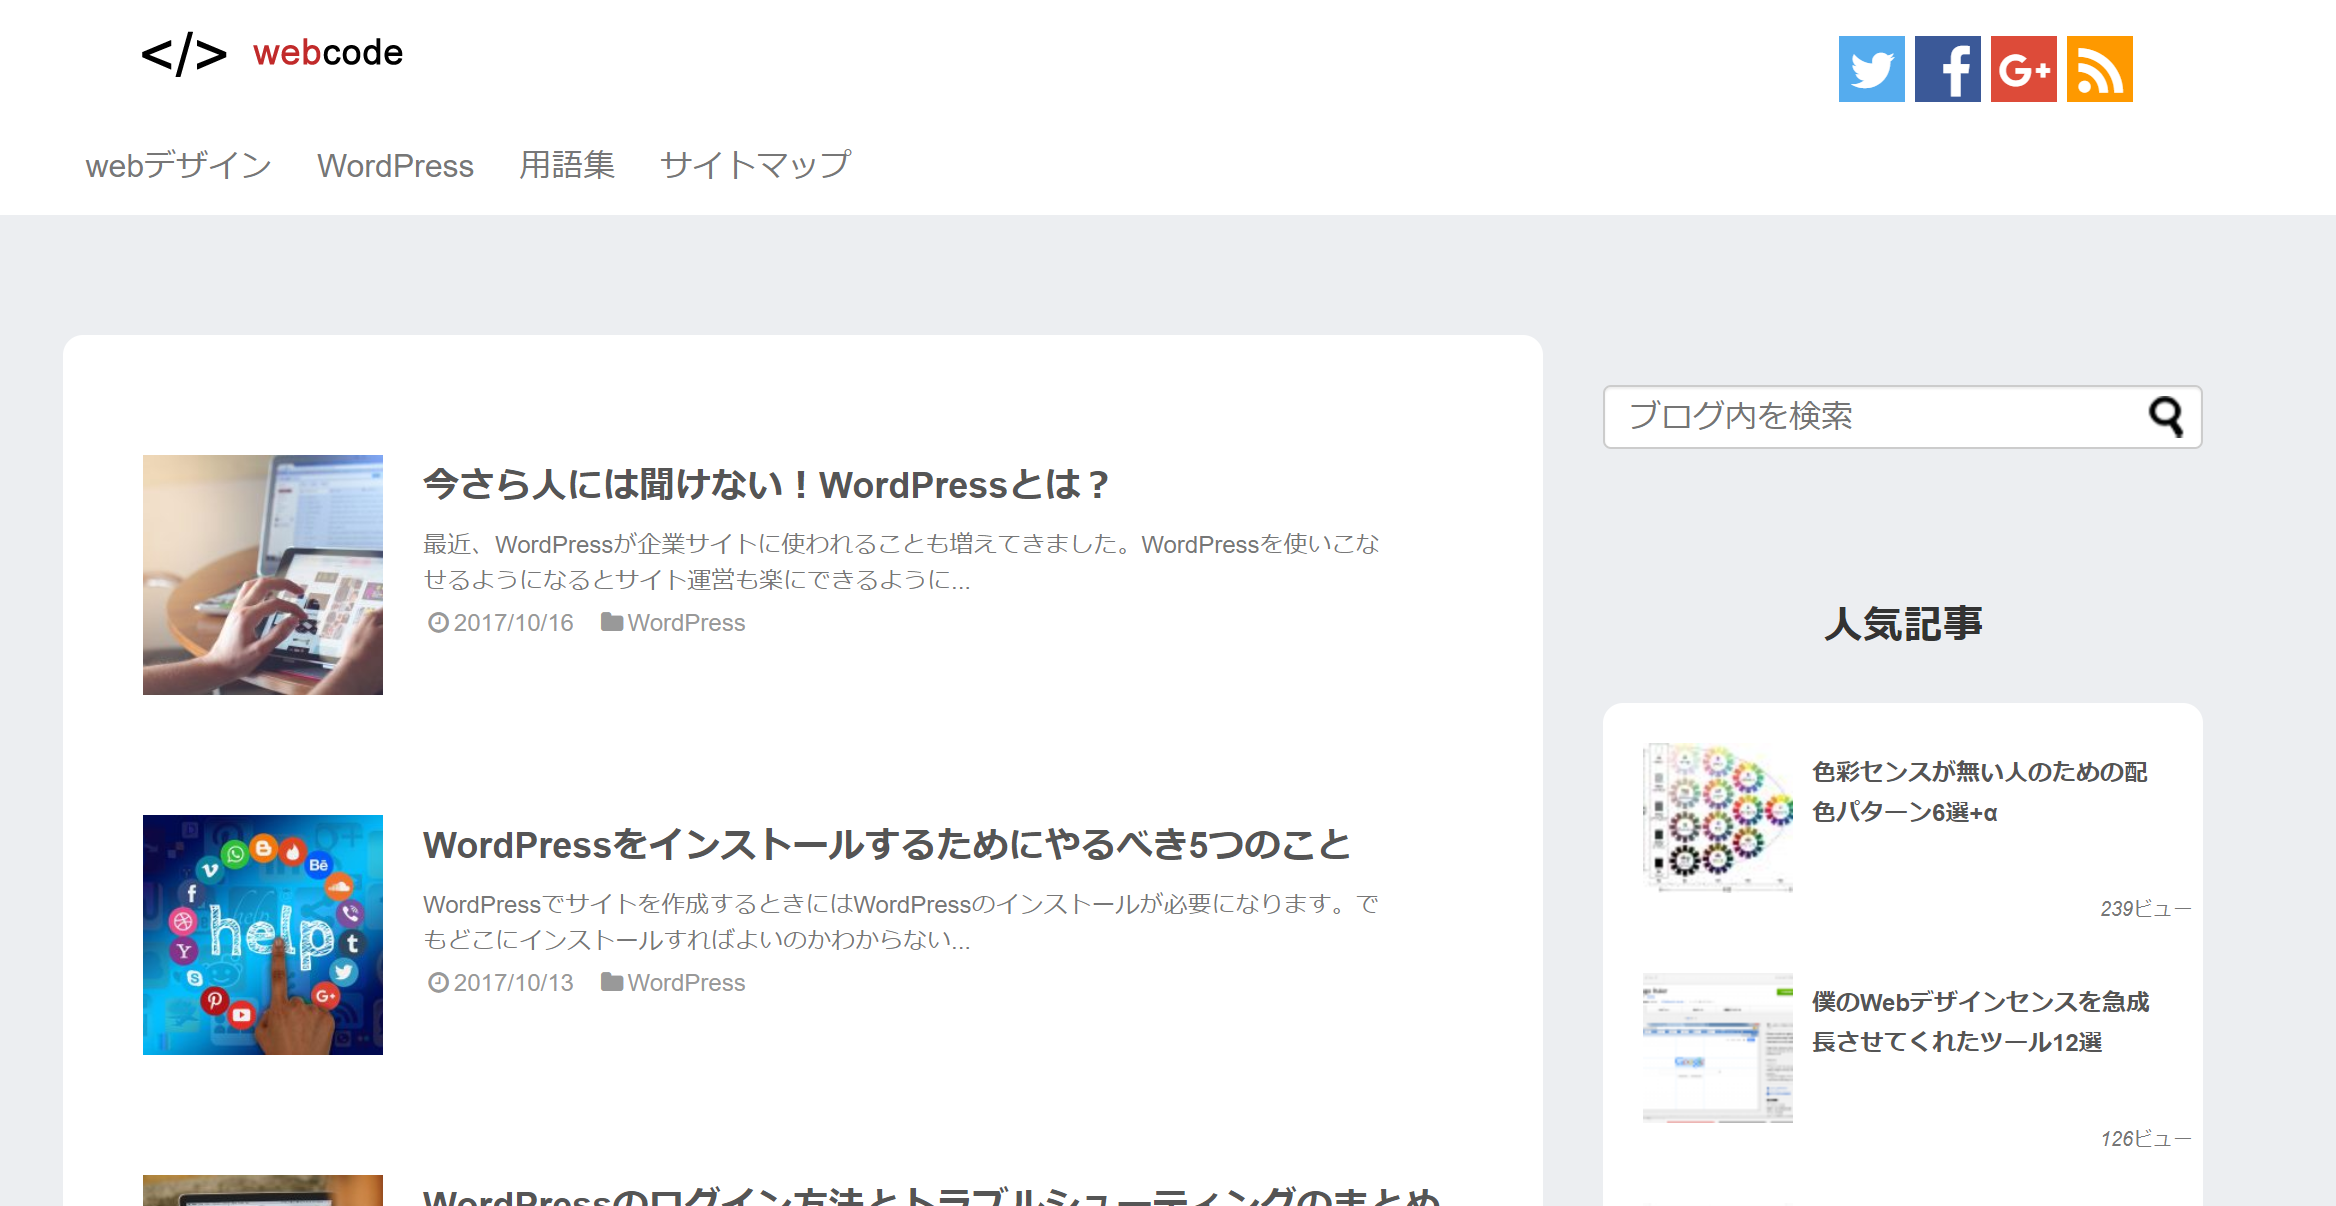 popular content - WordPressでブログの始め方!初心者におすすめのサーバー・ドメイン・テーマも紹介